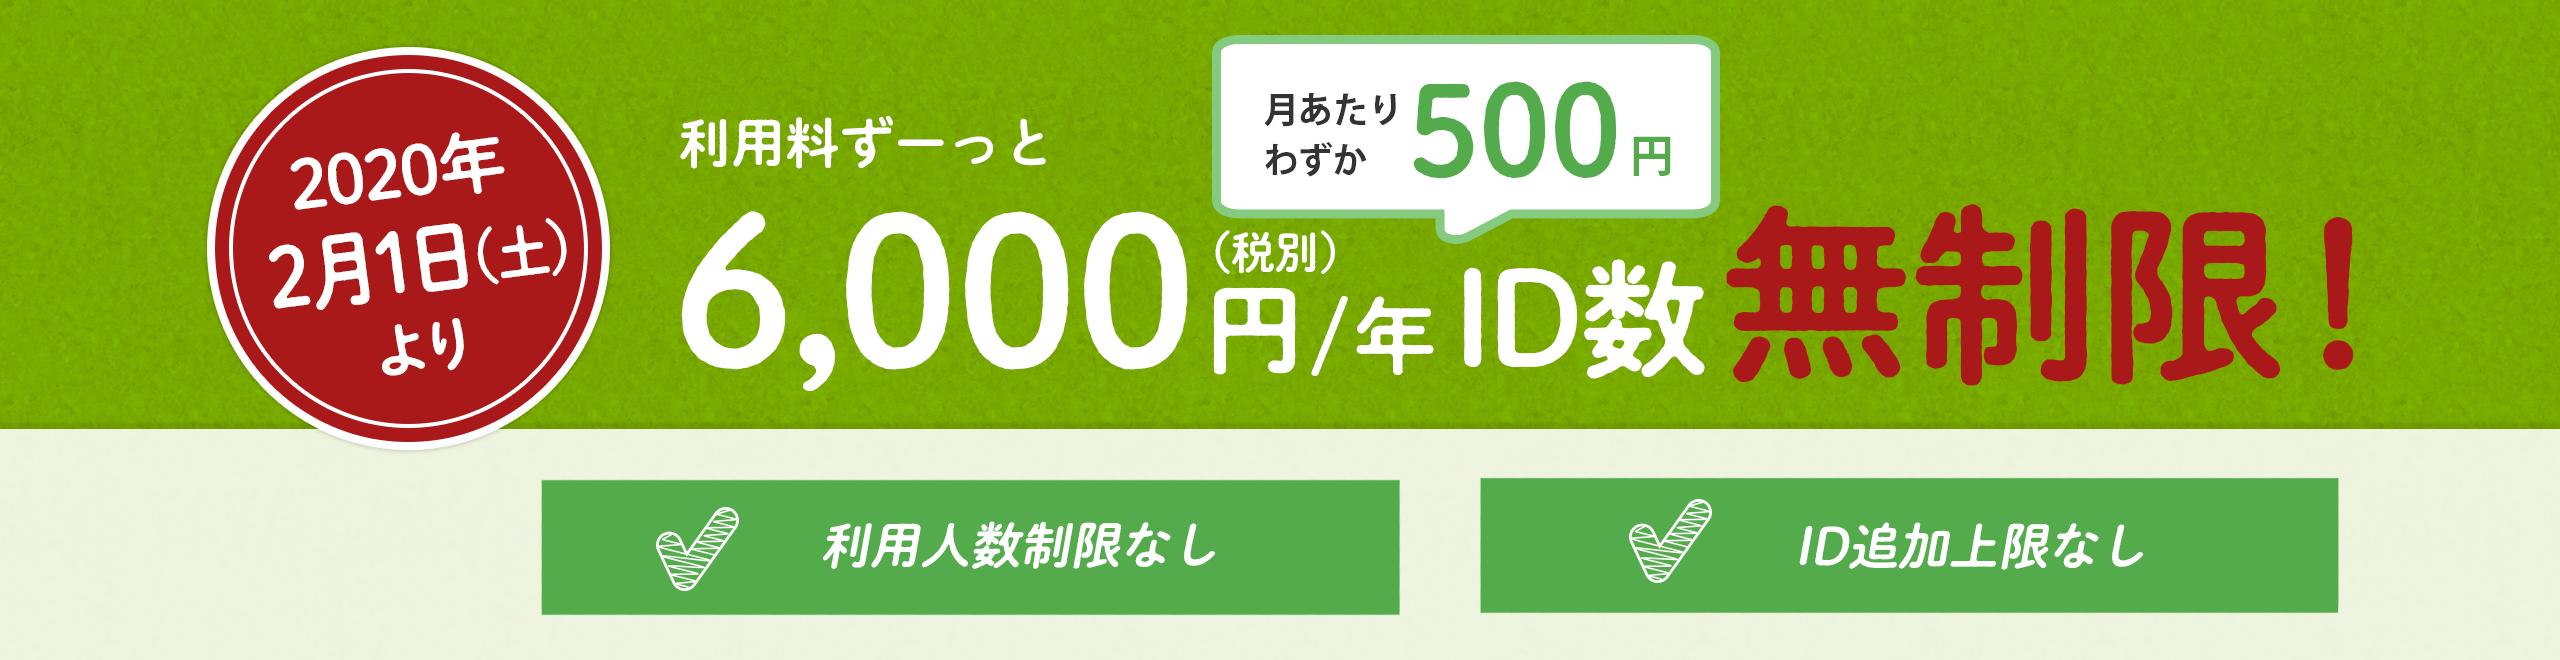 利用料ずっと変わらず6,000円でID数無制限になります